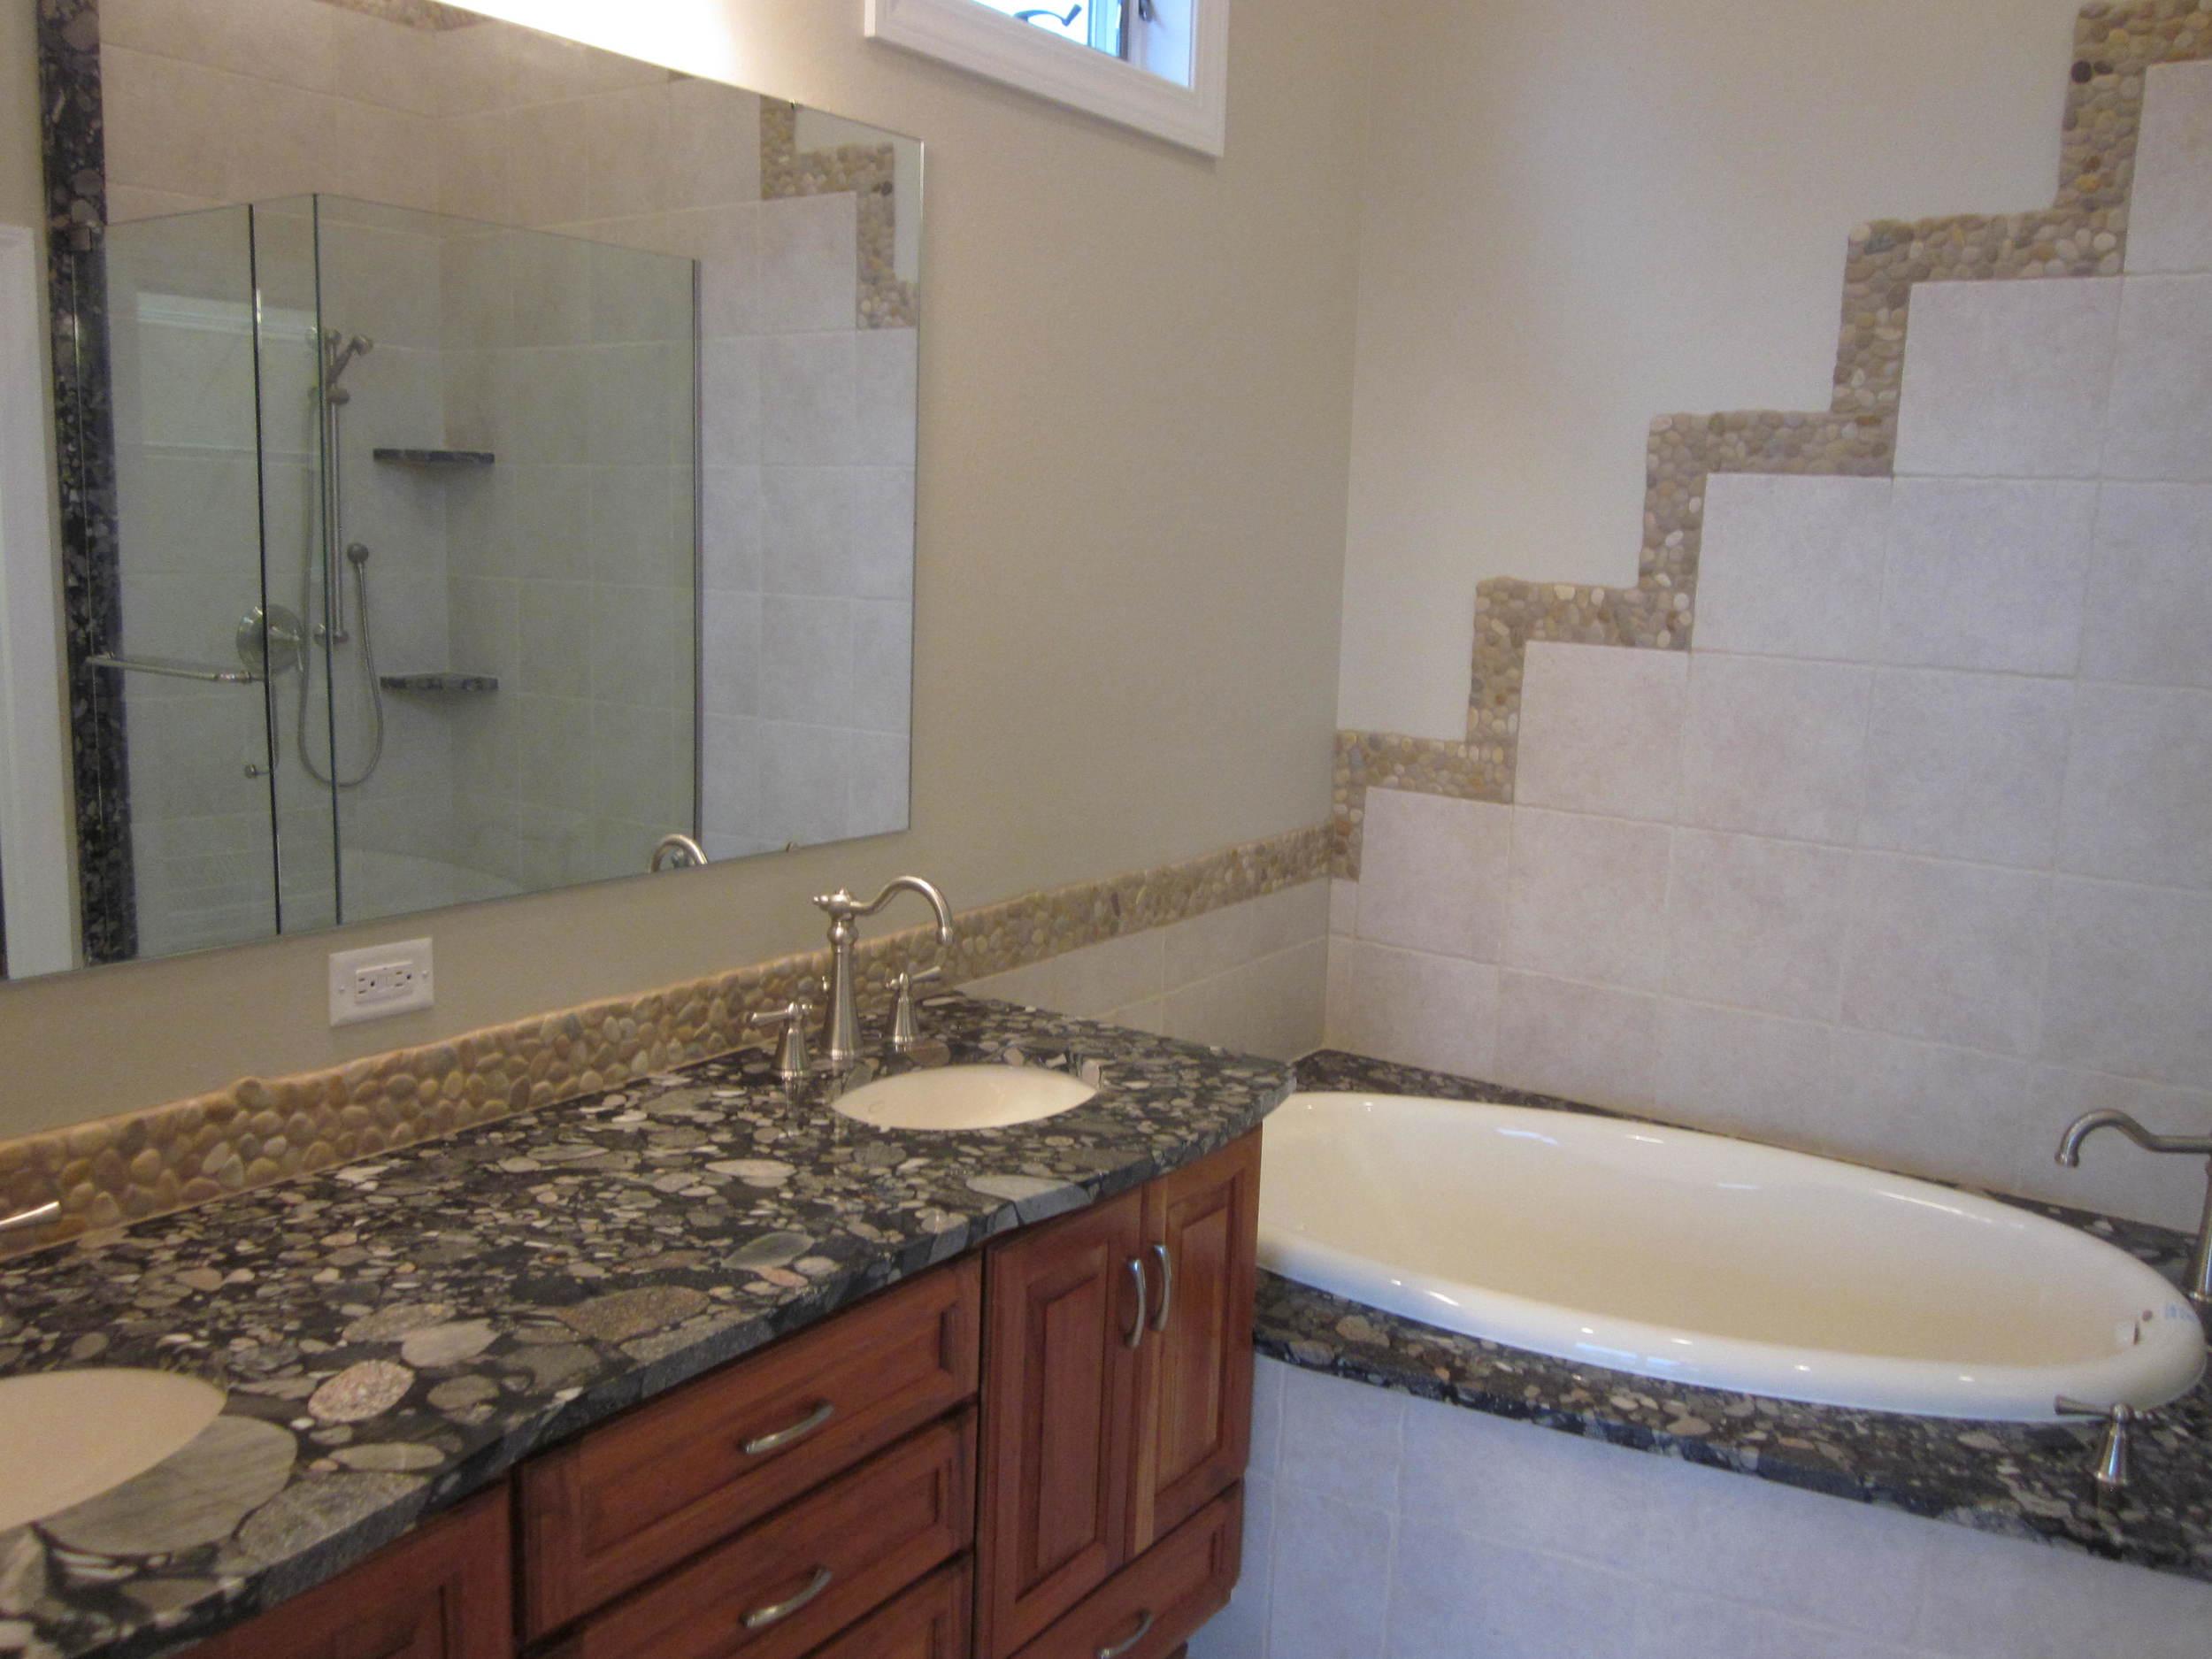 Granite countertops and natural stone tile.